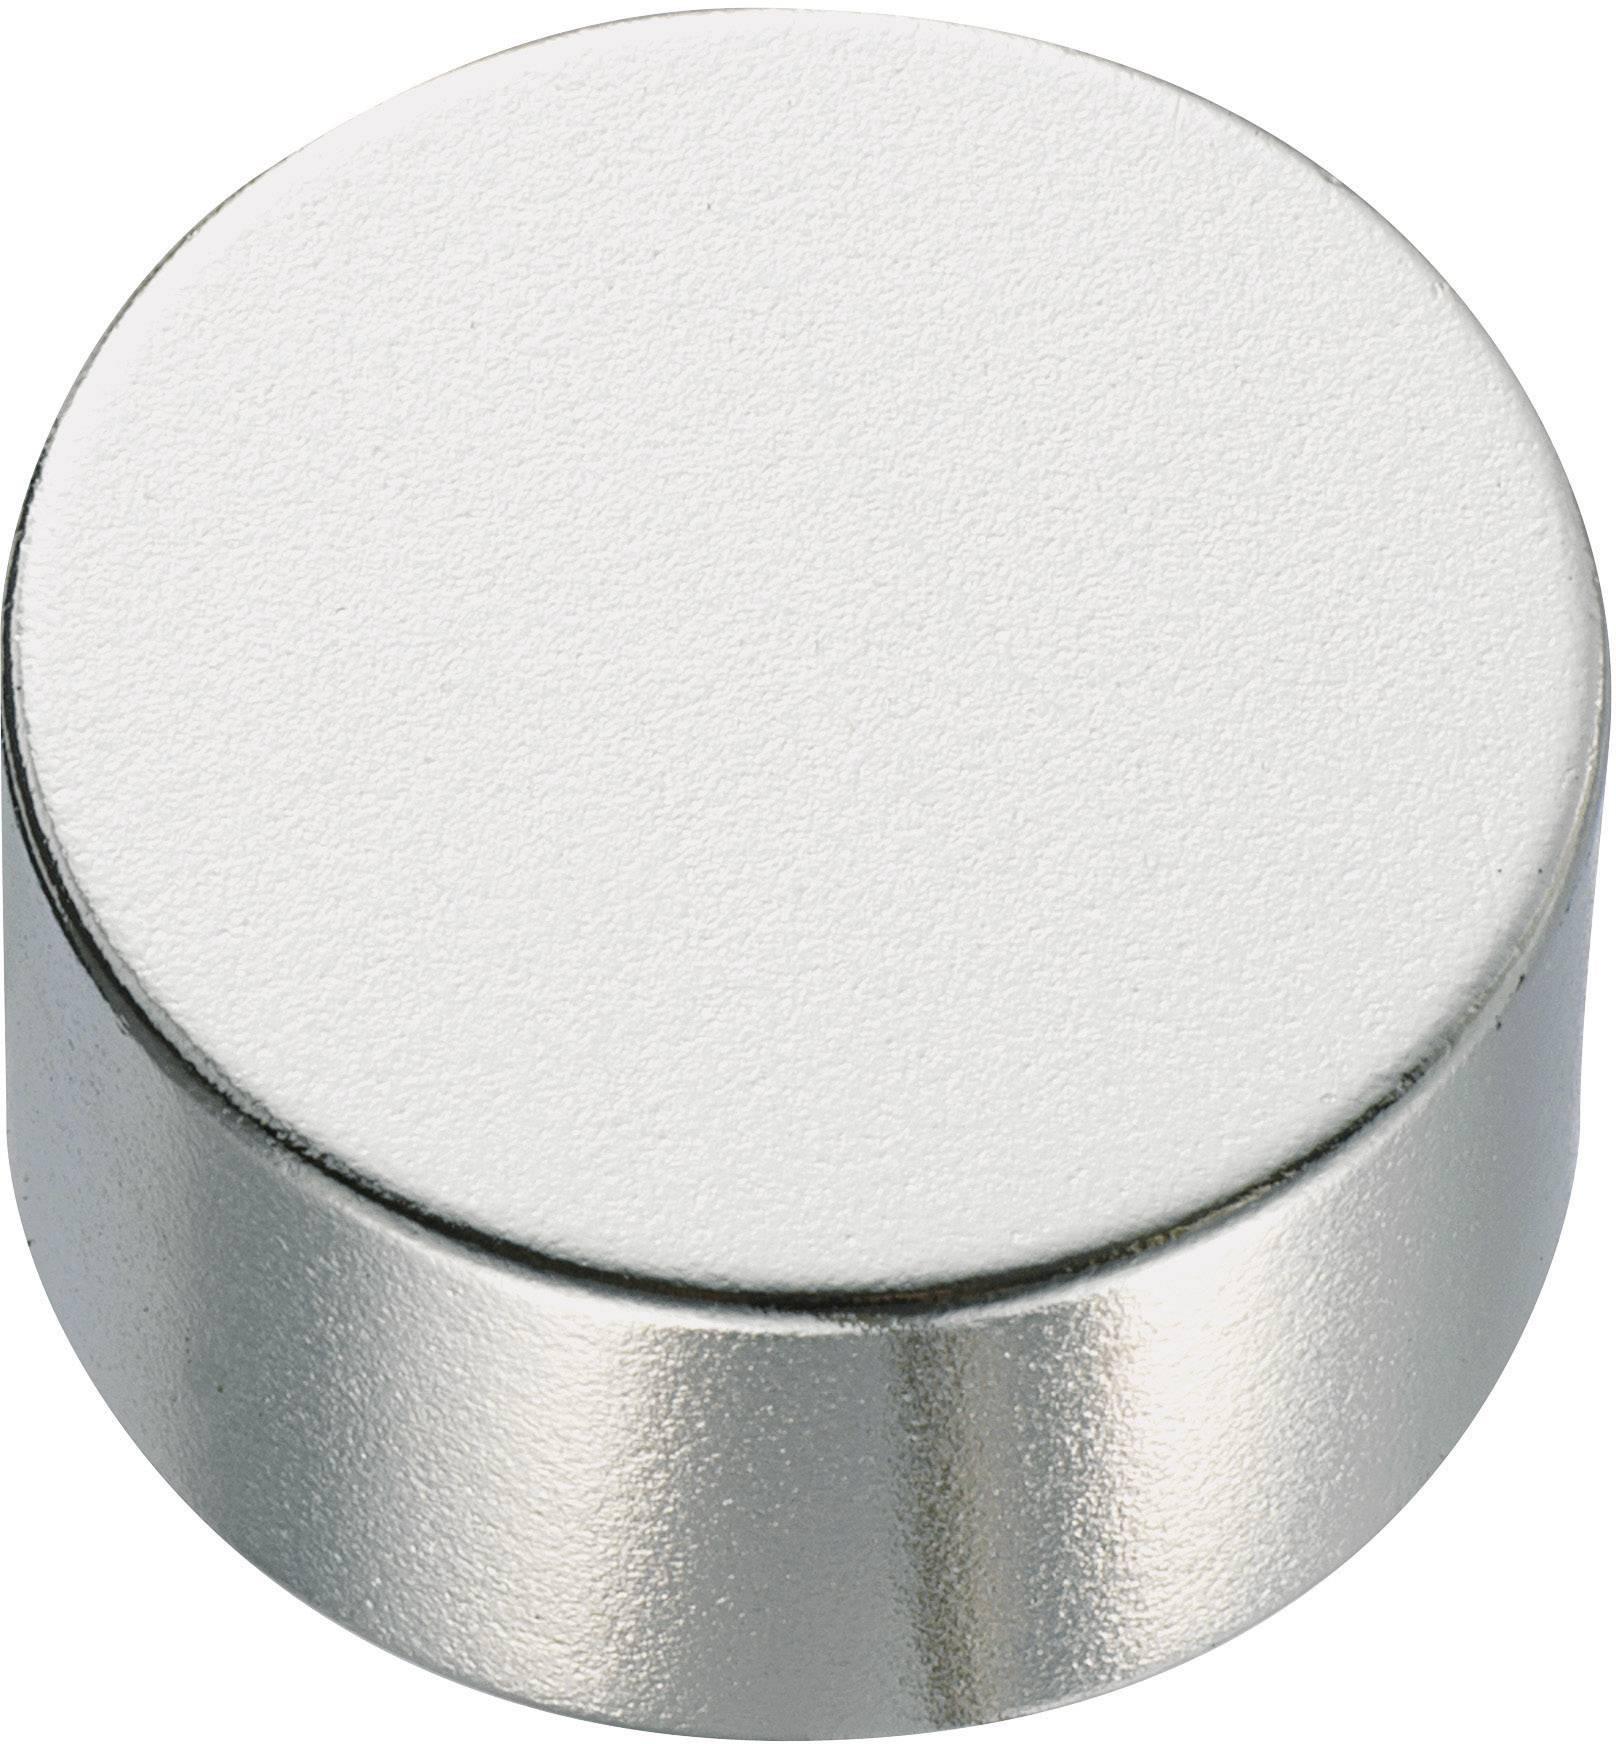 Guľatý permanentný magnet TRU COMPONENTS 505875, (Ø x v) 5 mm x 2 mm, N45